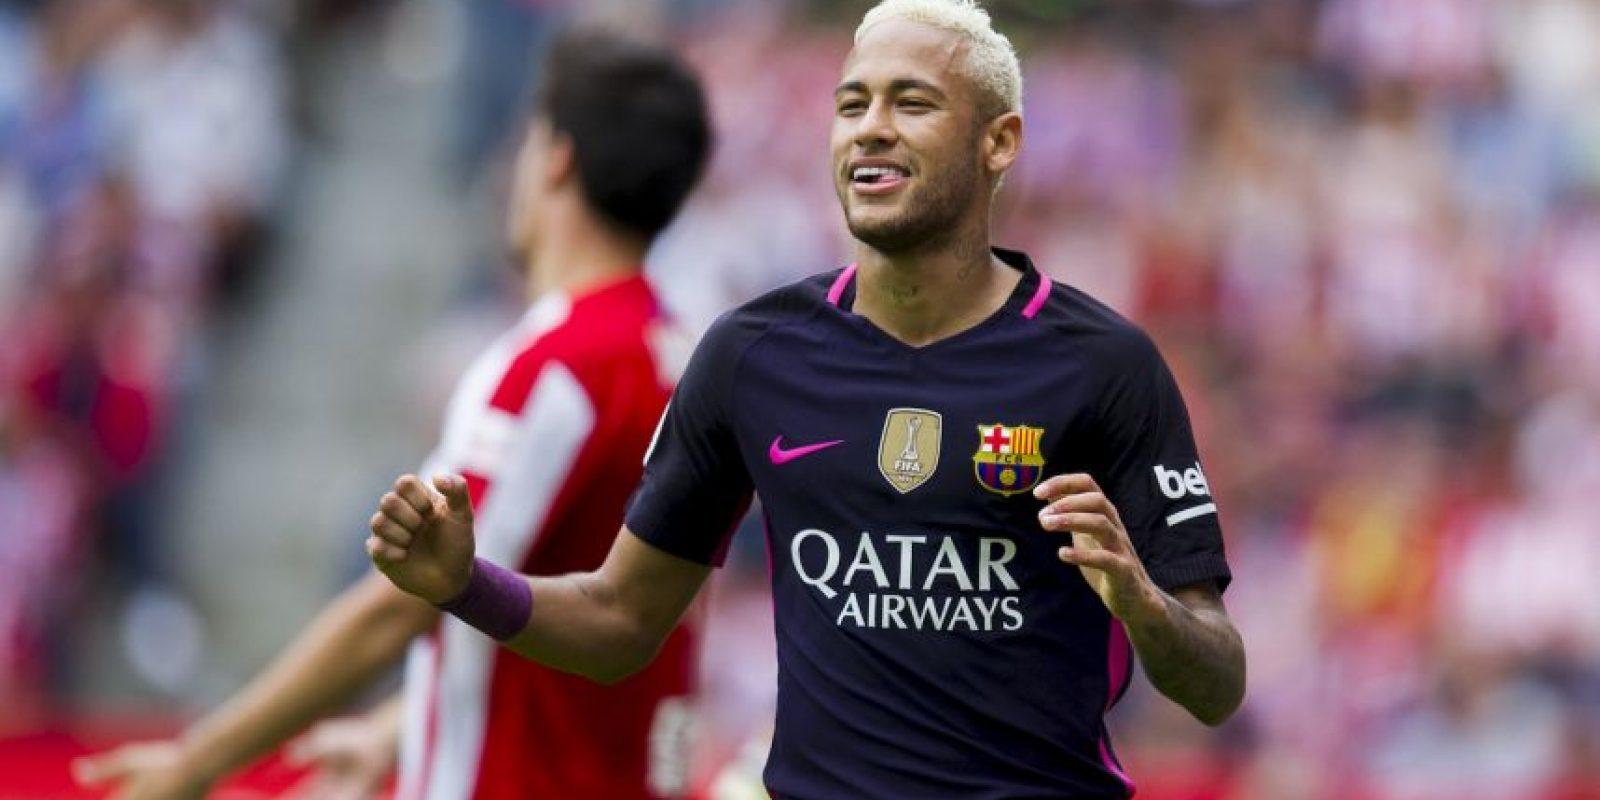 Raffael obligó a sus hijos a ir al estadio con la camiseta del Gladbach. A cambio les conseguirá una polera de Neymar Foto:Getty Images